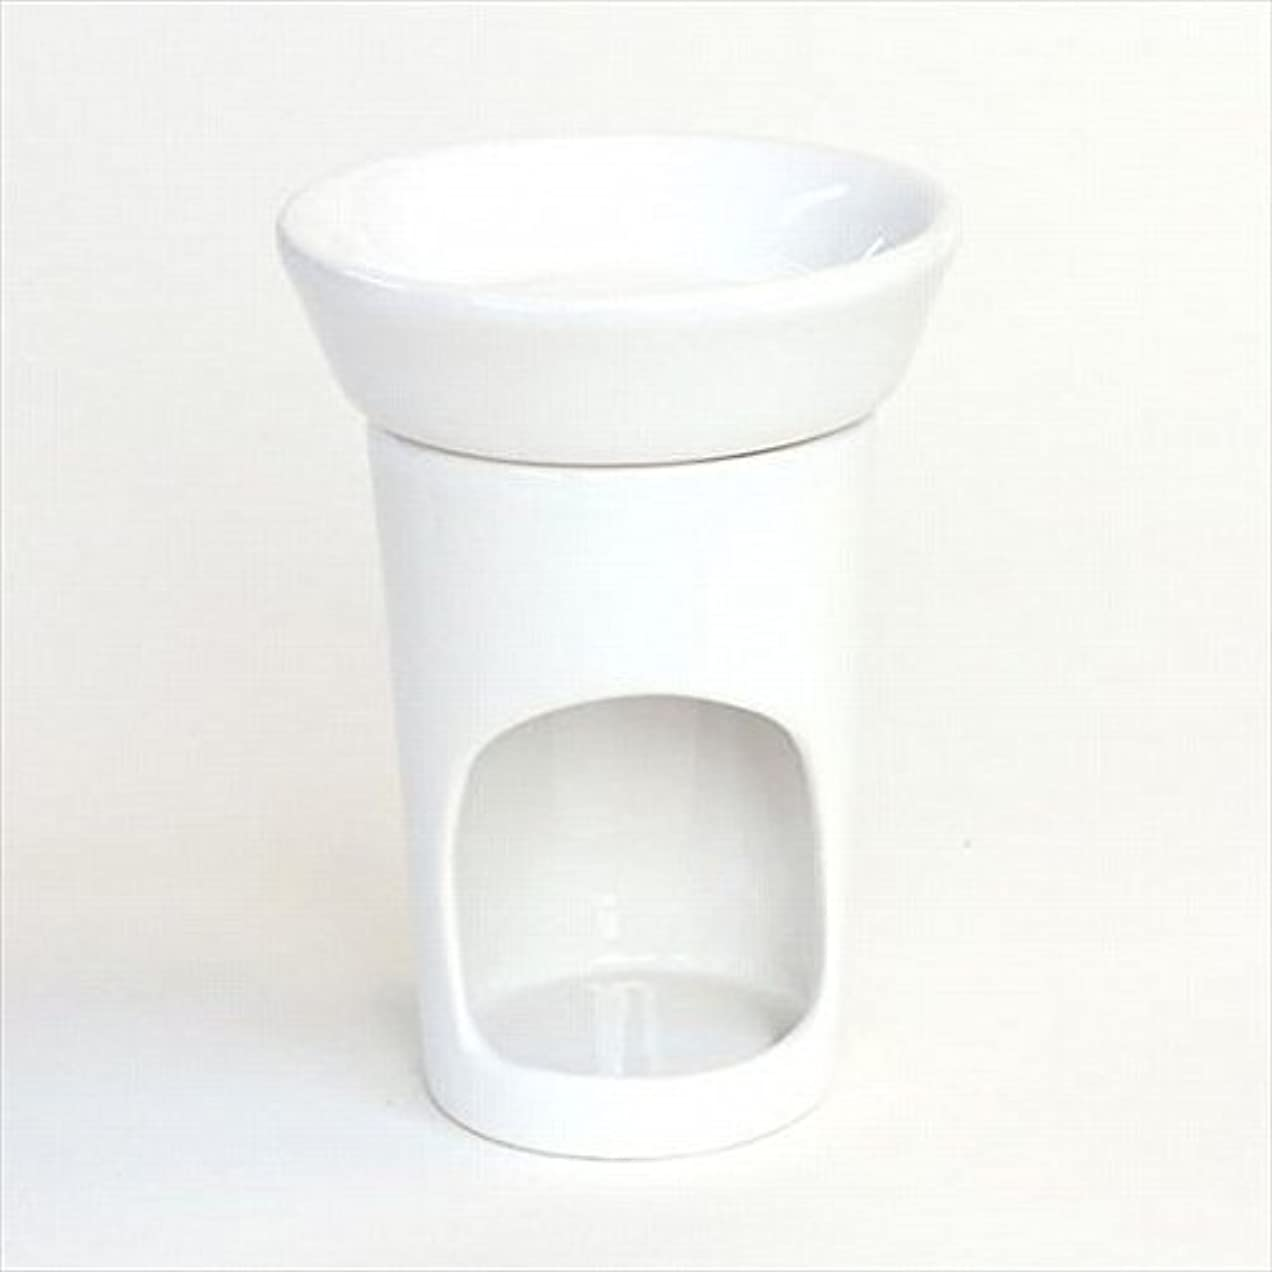 シャープ理解課すkameyama candle(カメヤマキャンドル) ブランタルトウォーマー キャンドル 78x78x116mm (J5250000)